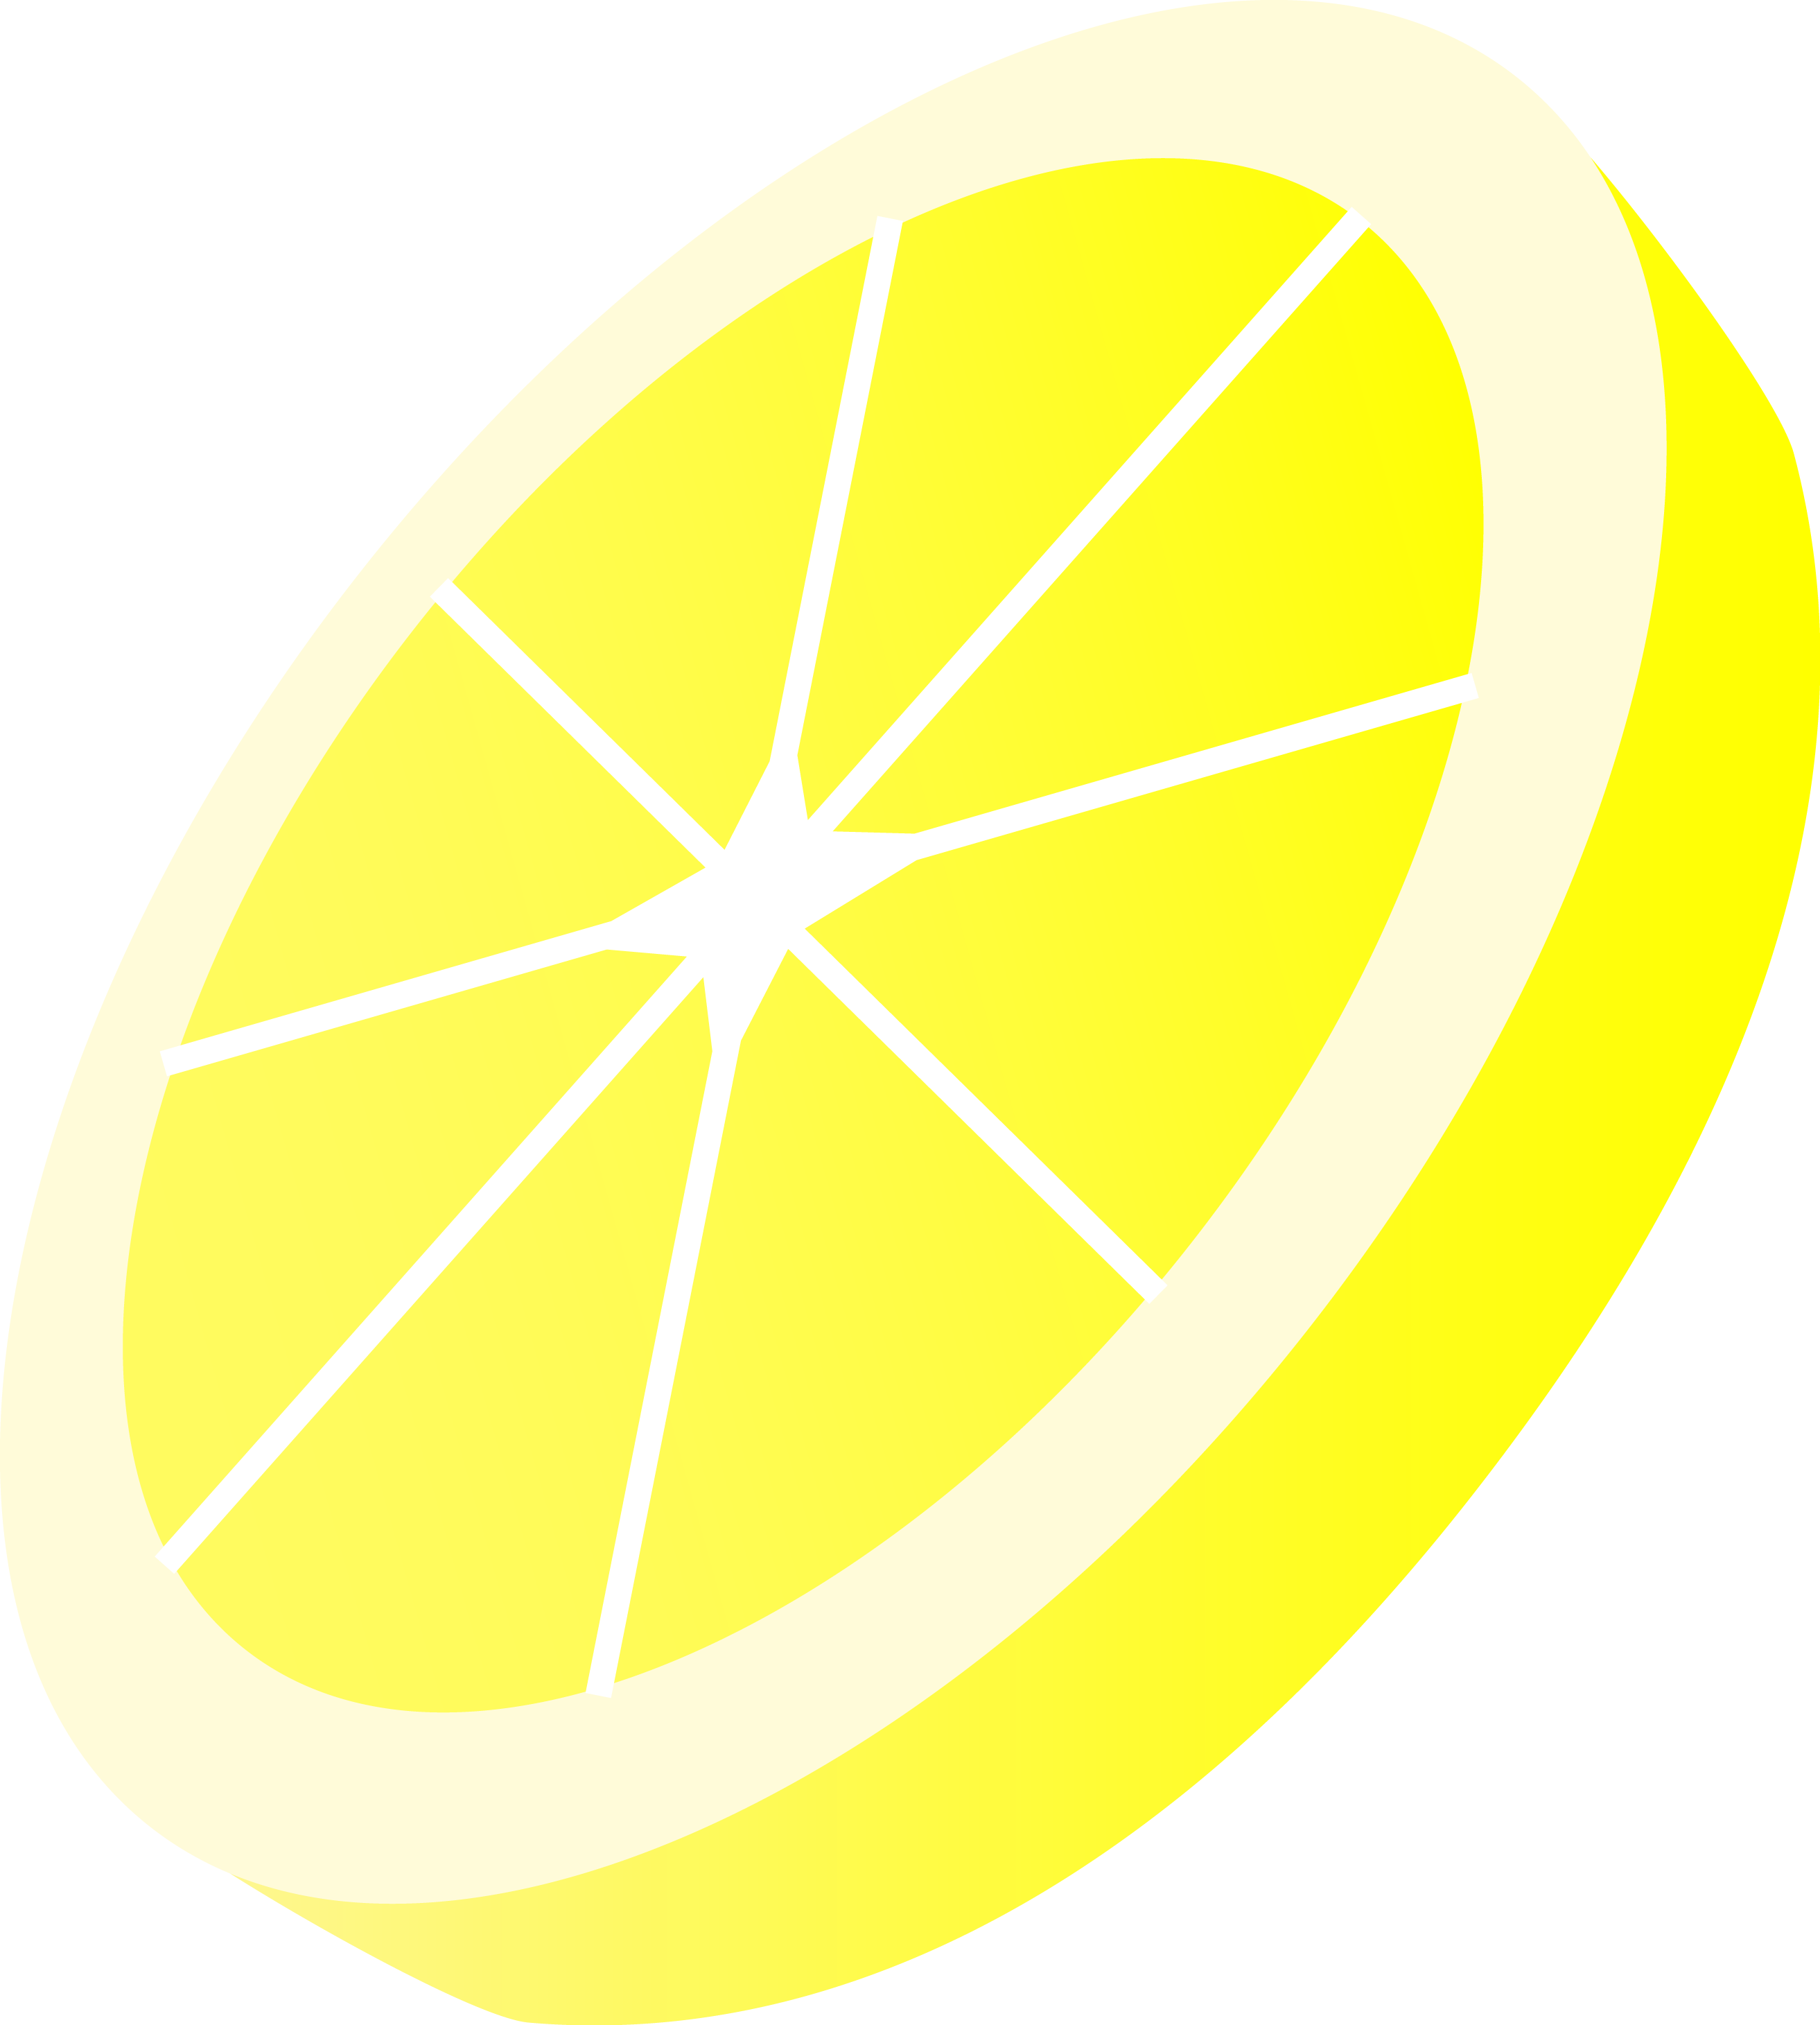 Lemon clip art vector lemon graphics image 8 clipartcow. Lemon slice clip  art free PlusPng.com  - Free PNG Lemon Slice